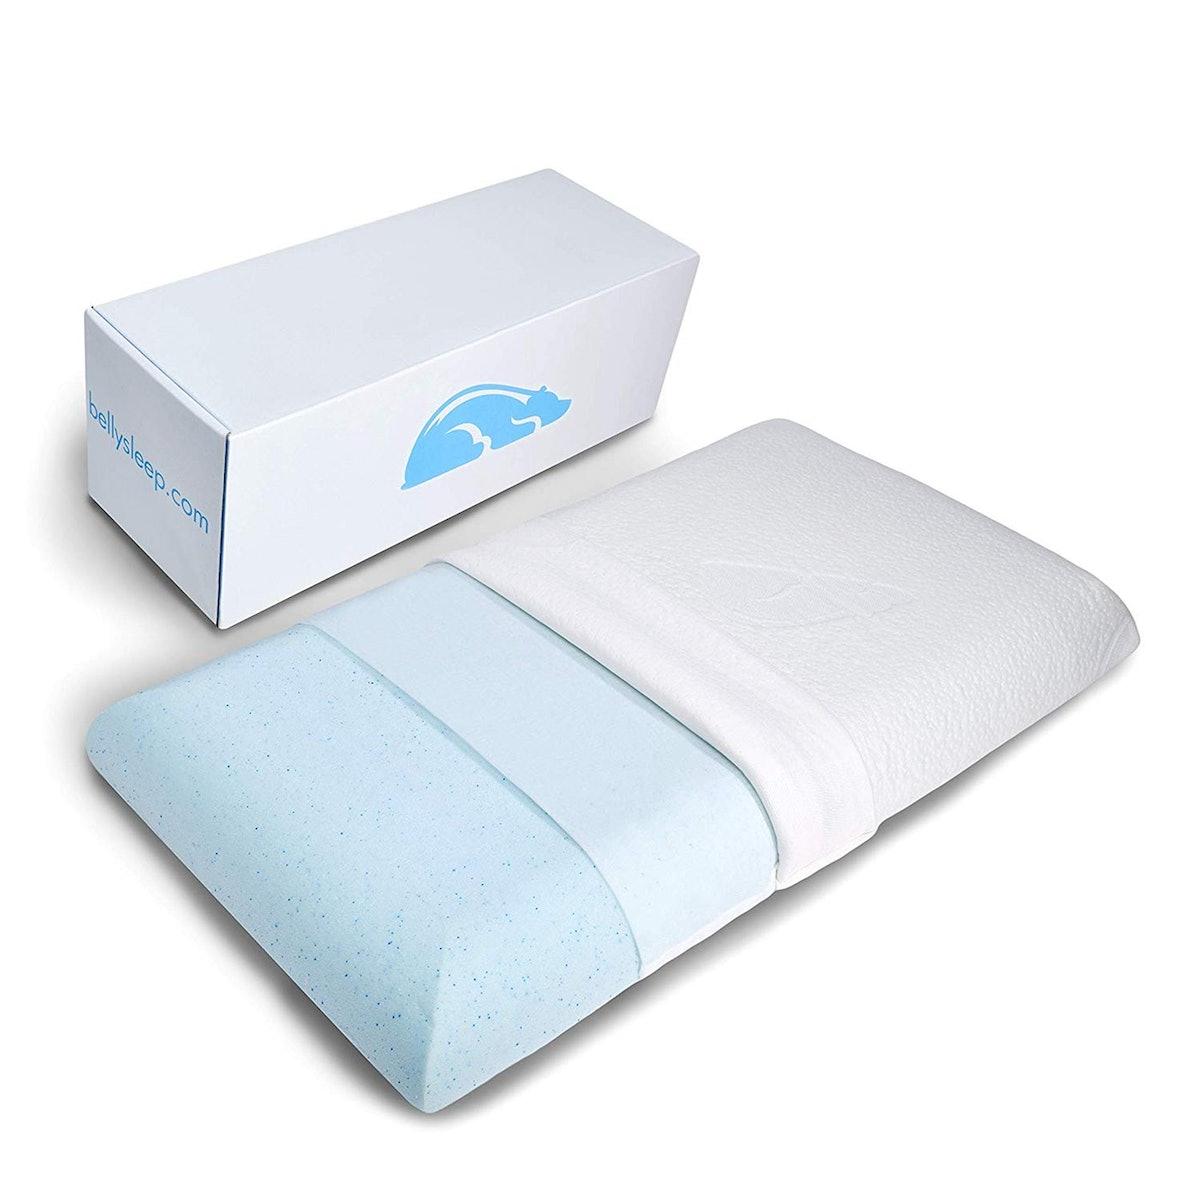 Belly Sleep Gel Infused Memory Foam Pillow